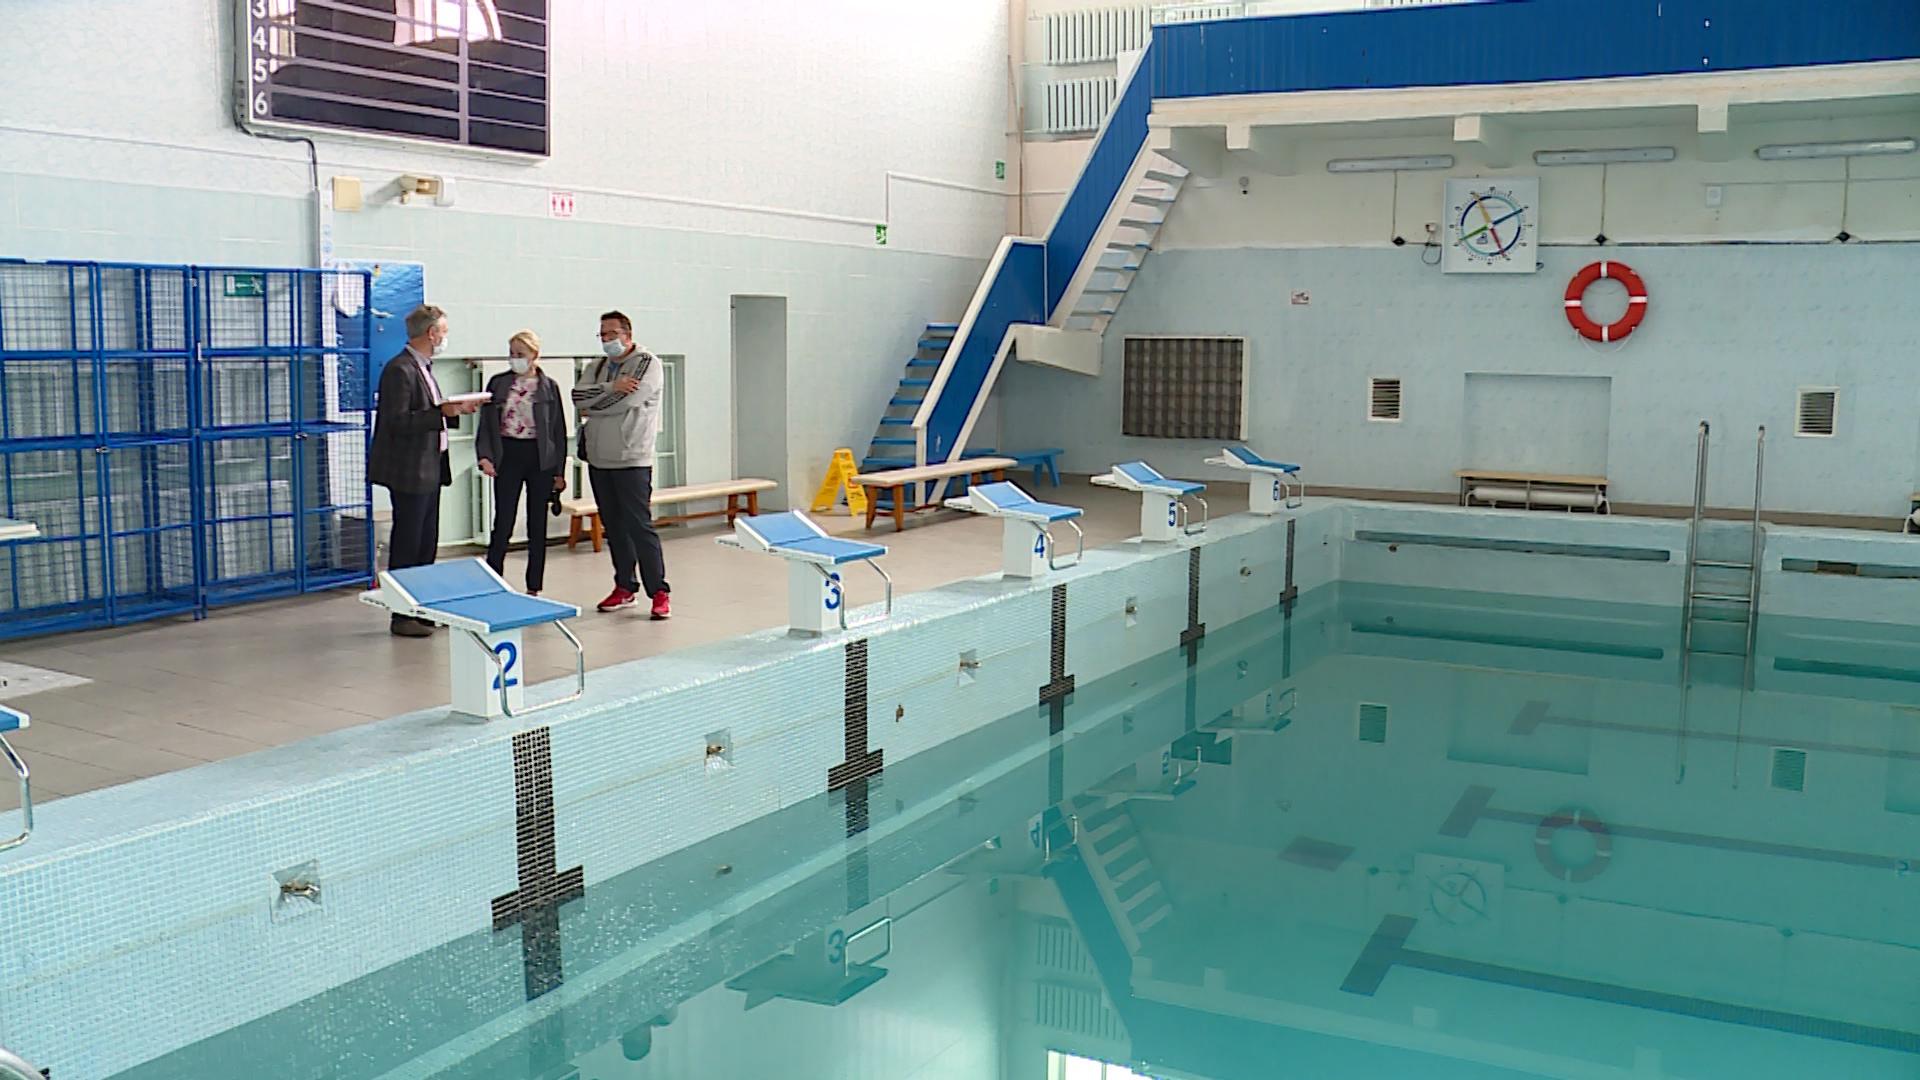 Во дворце спорта «Дельфин» завершаются ремонтные работы